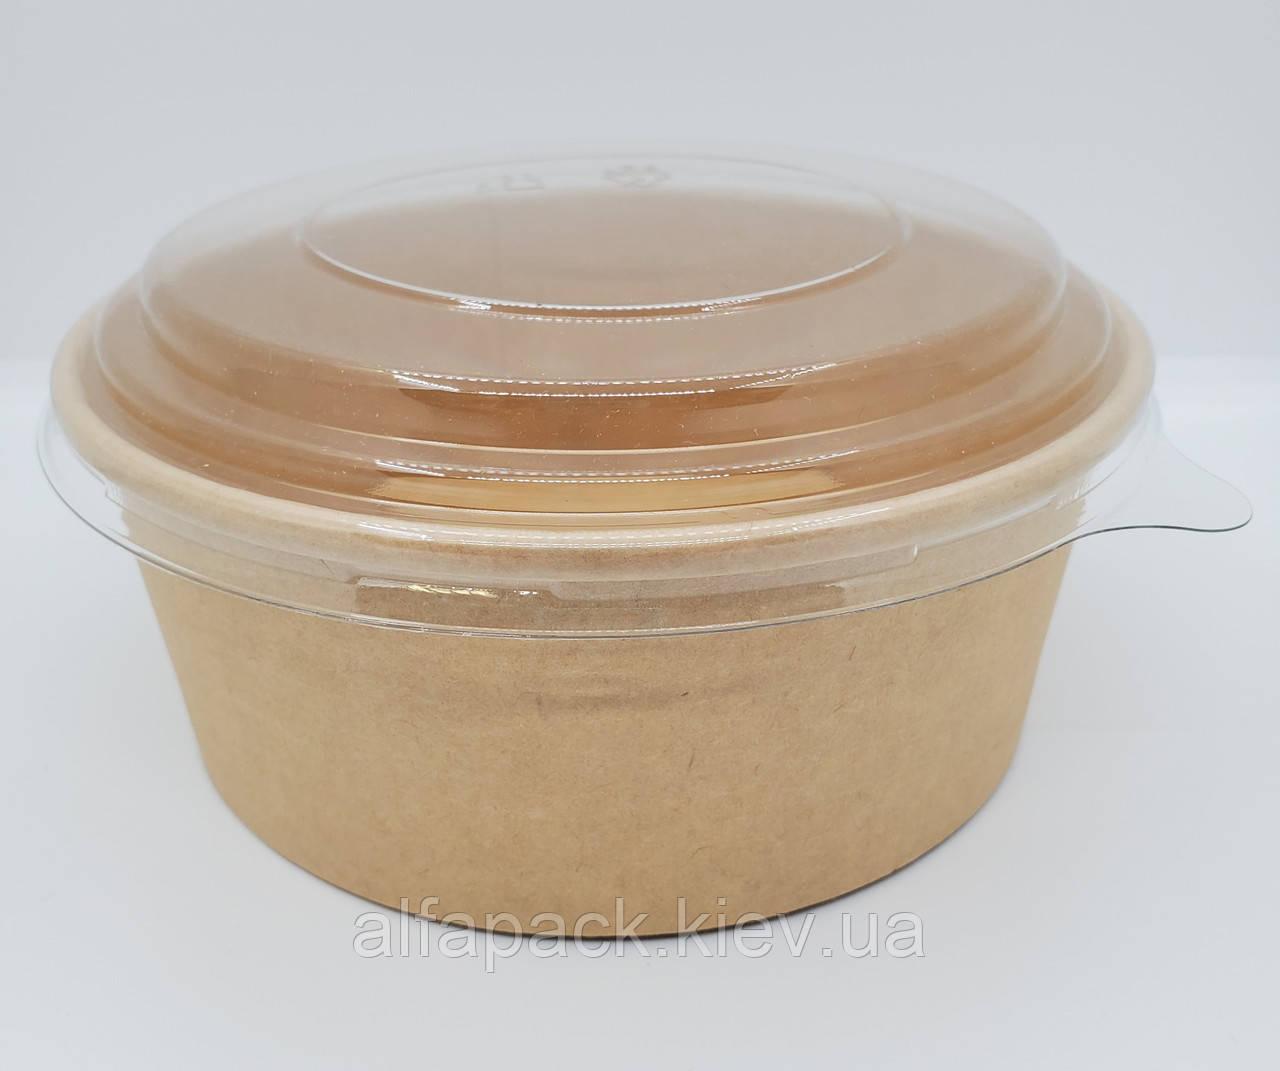 Комплект салатник крафт 1100 мл (кришка і дно), упаковка 50шт, (9,70 грн/шт)